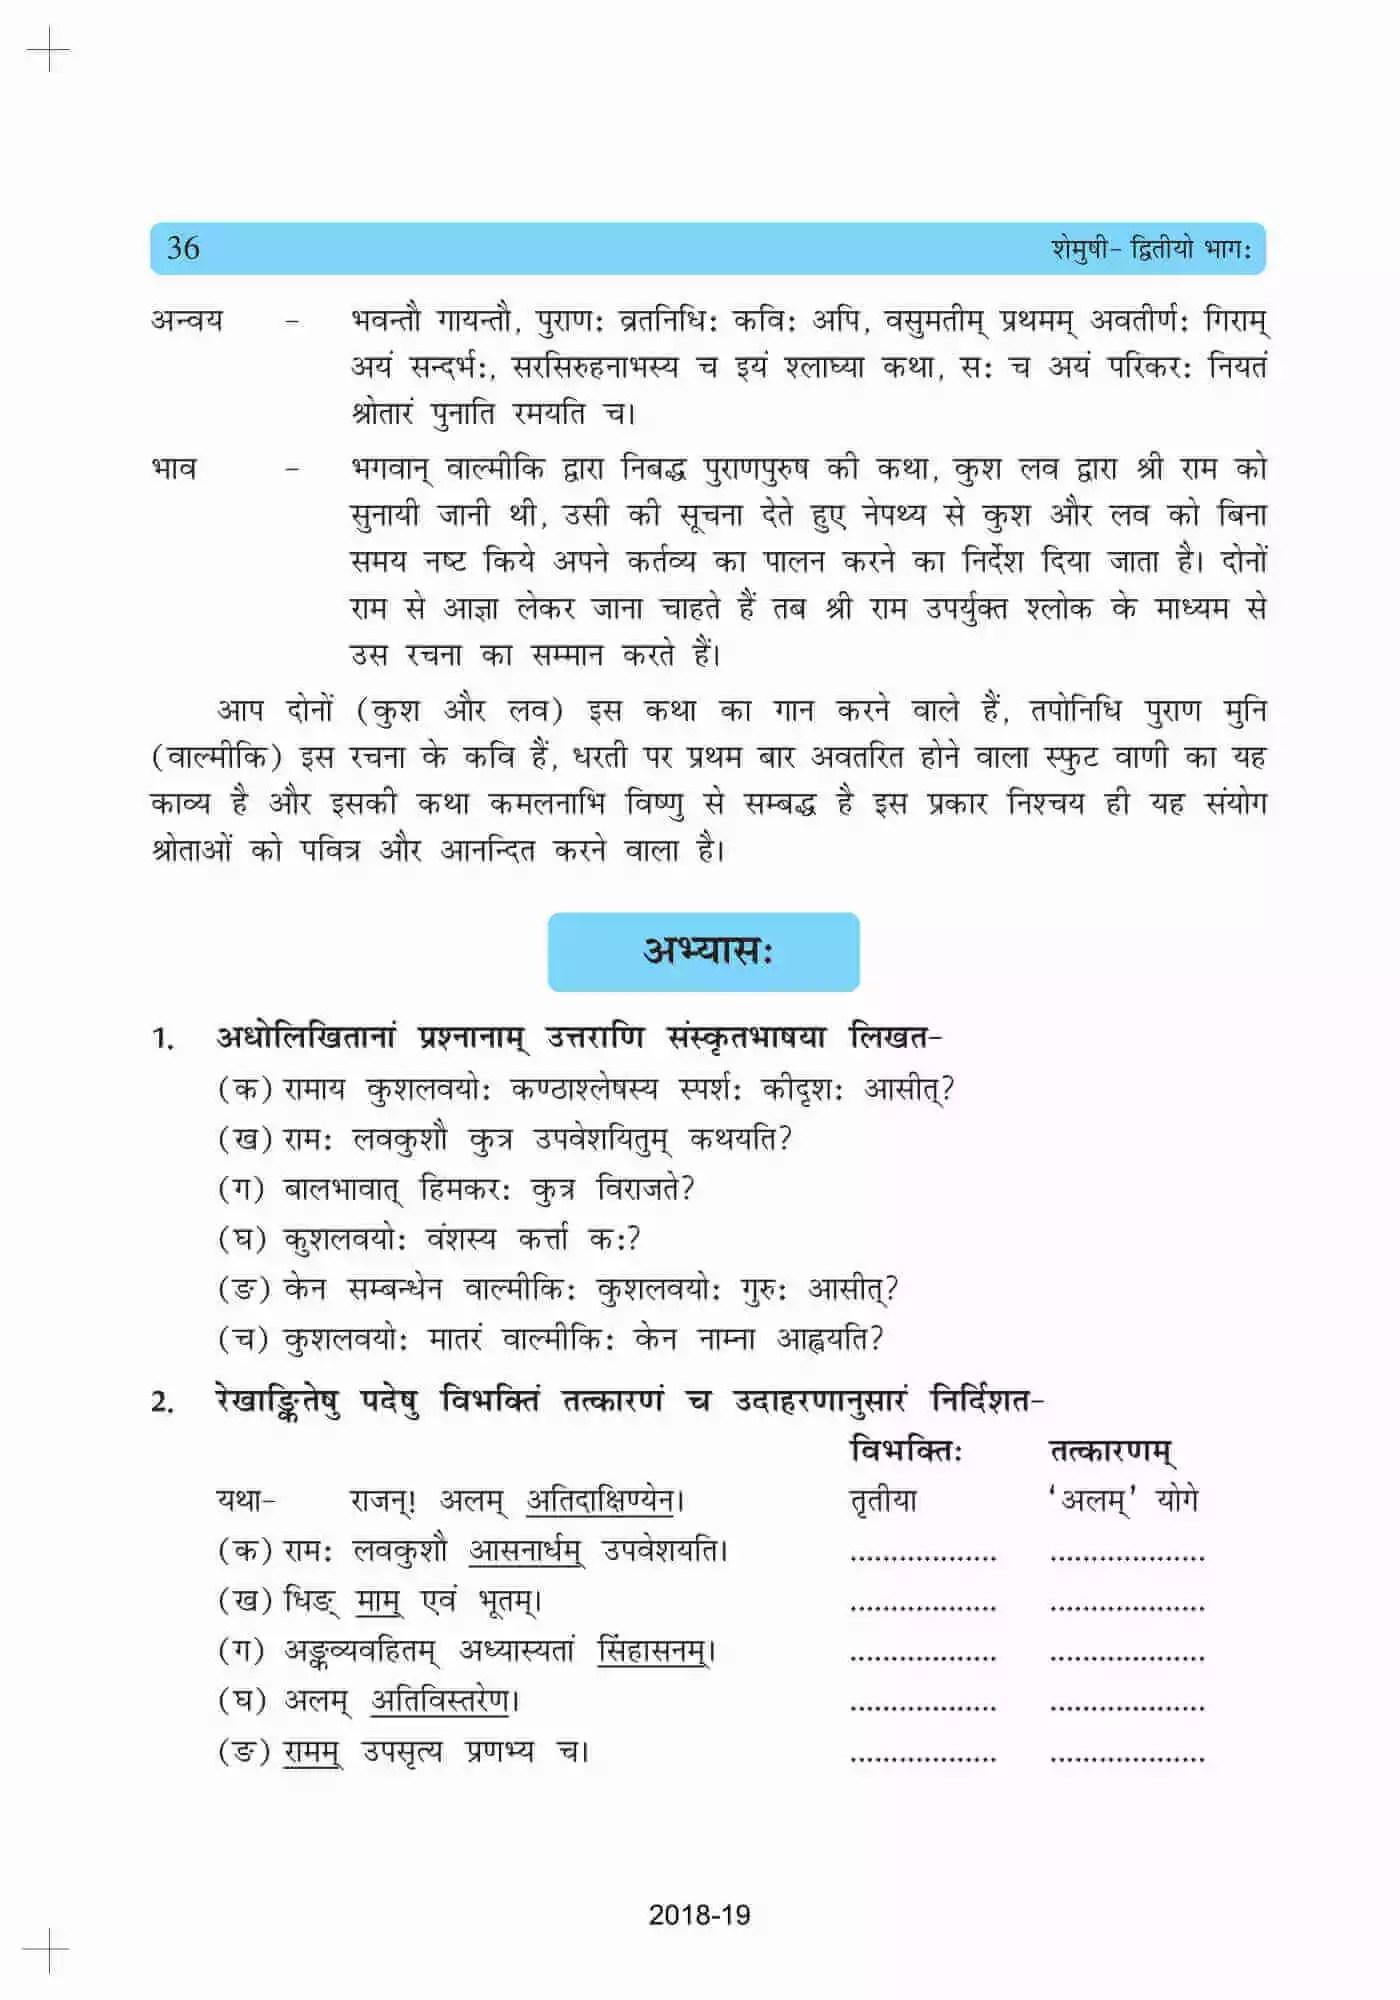 NCERT Solutions For Class 10 Sanskrit Shemushi Chapter 4